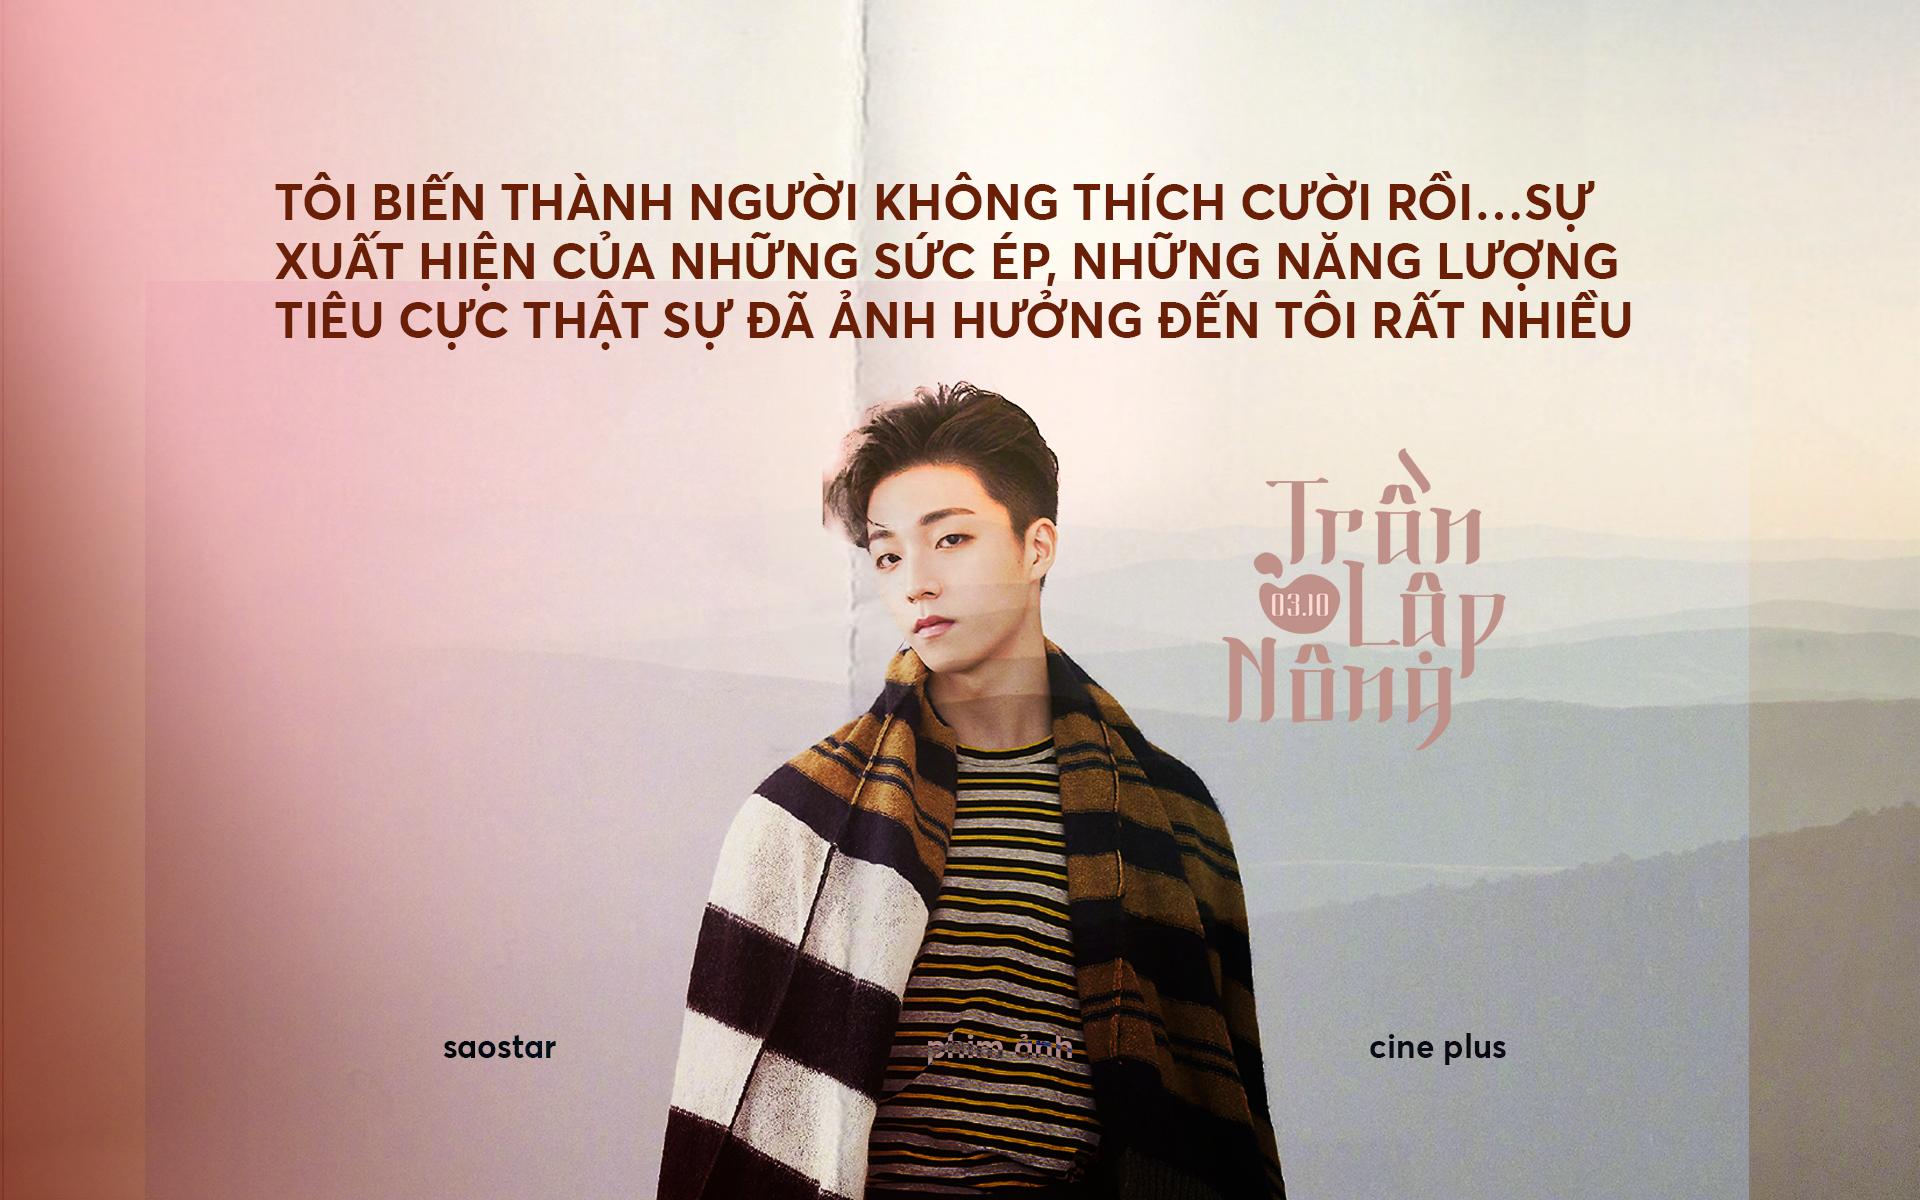 Trần Lập Nông - Chàng hoàng tử mới của Hoa ngữ